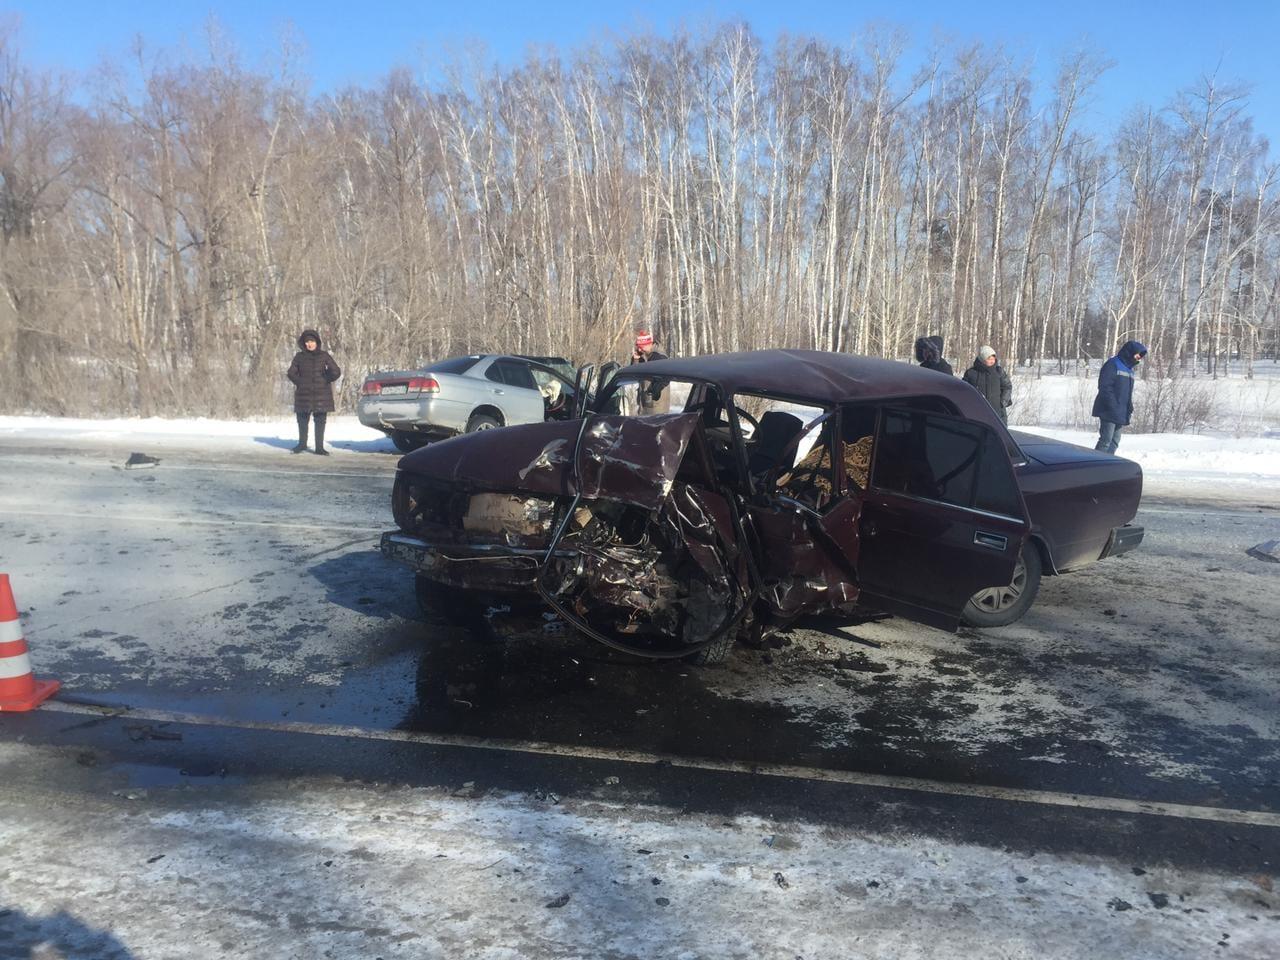 Пенсионер на «семерке» погиб в лобовом столкновении под Омском #Омск #Общество #Сегодня